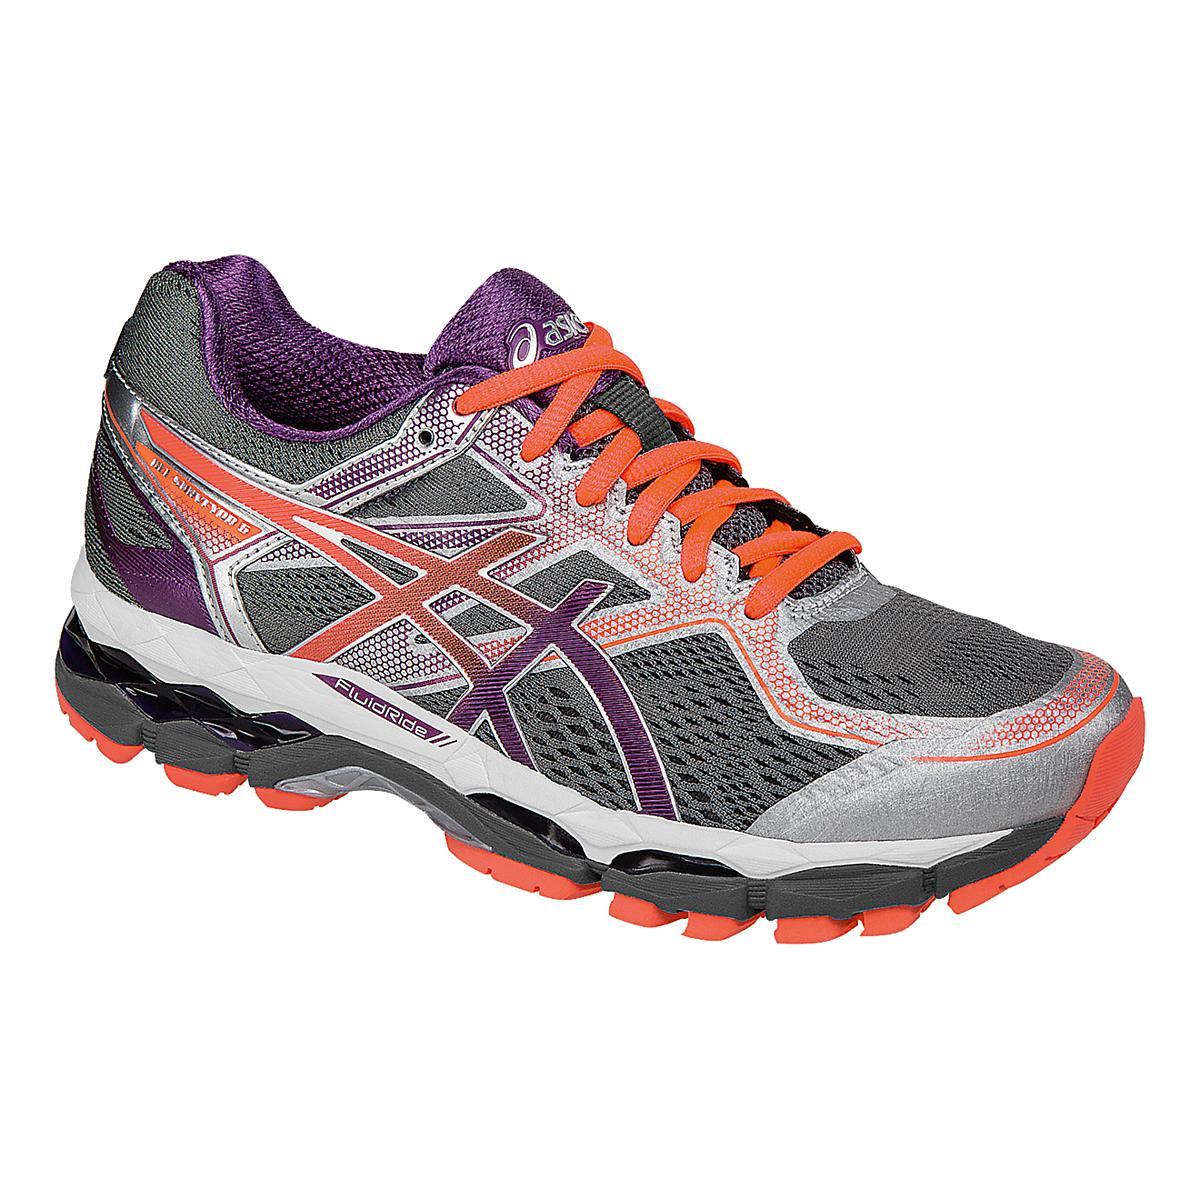 Salir Prever Descriptivo  Womens ASICS GEL-Surveyor 5 Running Shoe at Road Runner Sports